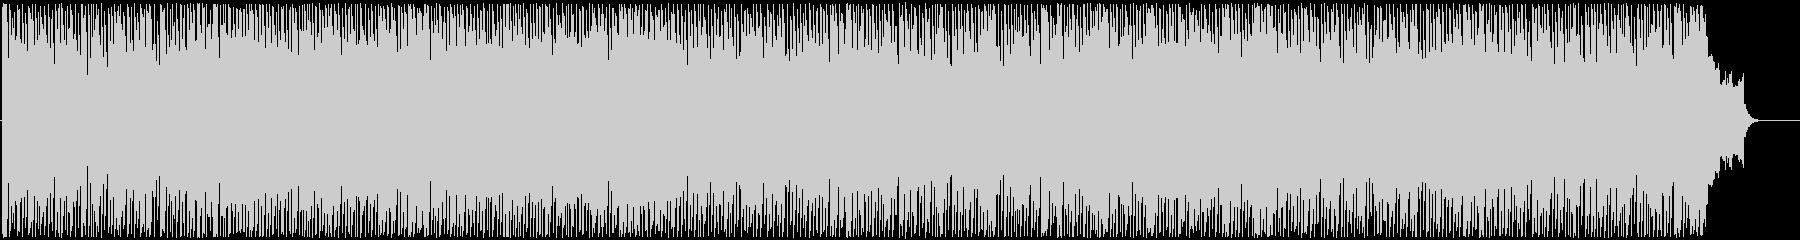 ウキウキするような楽しいBGMの未再生の波形